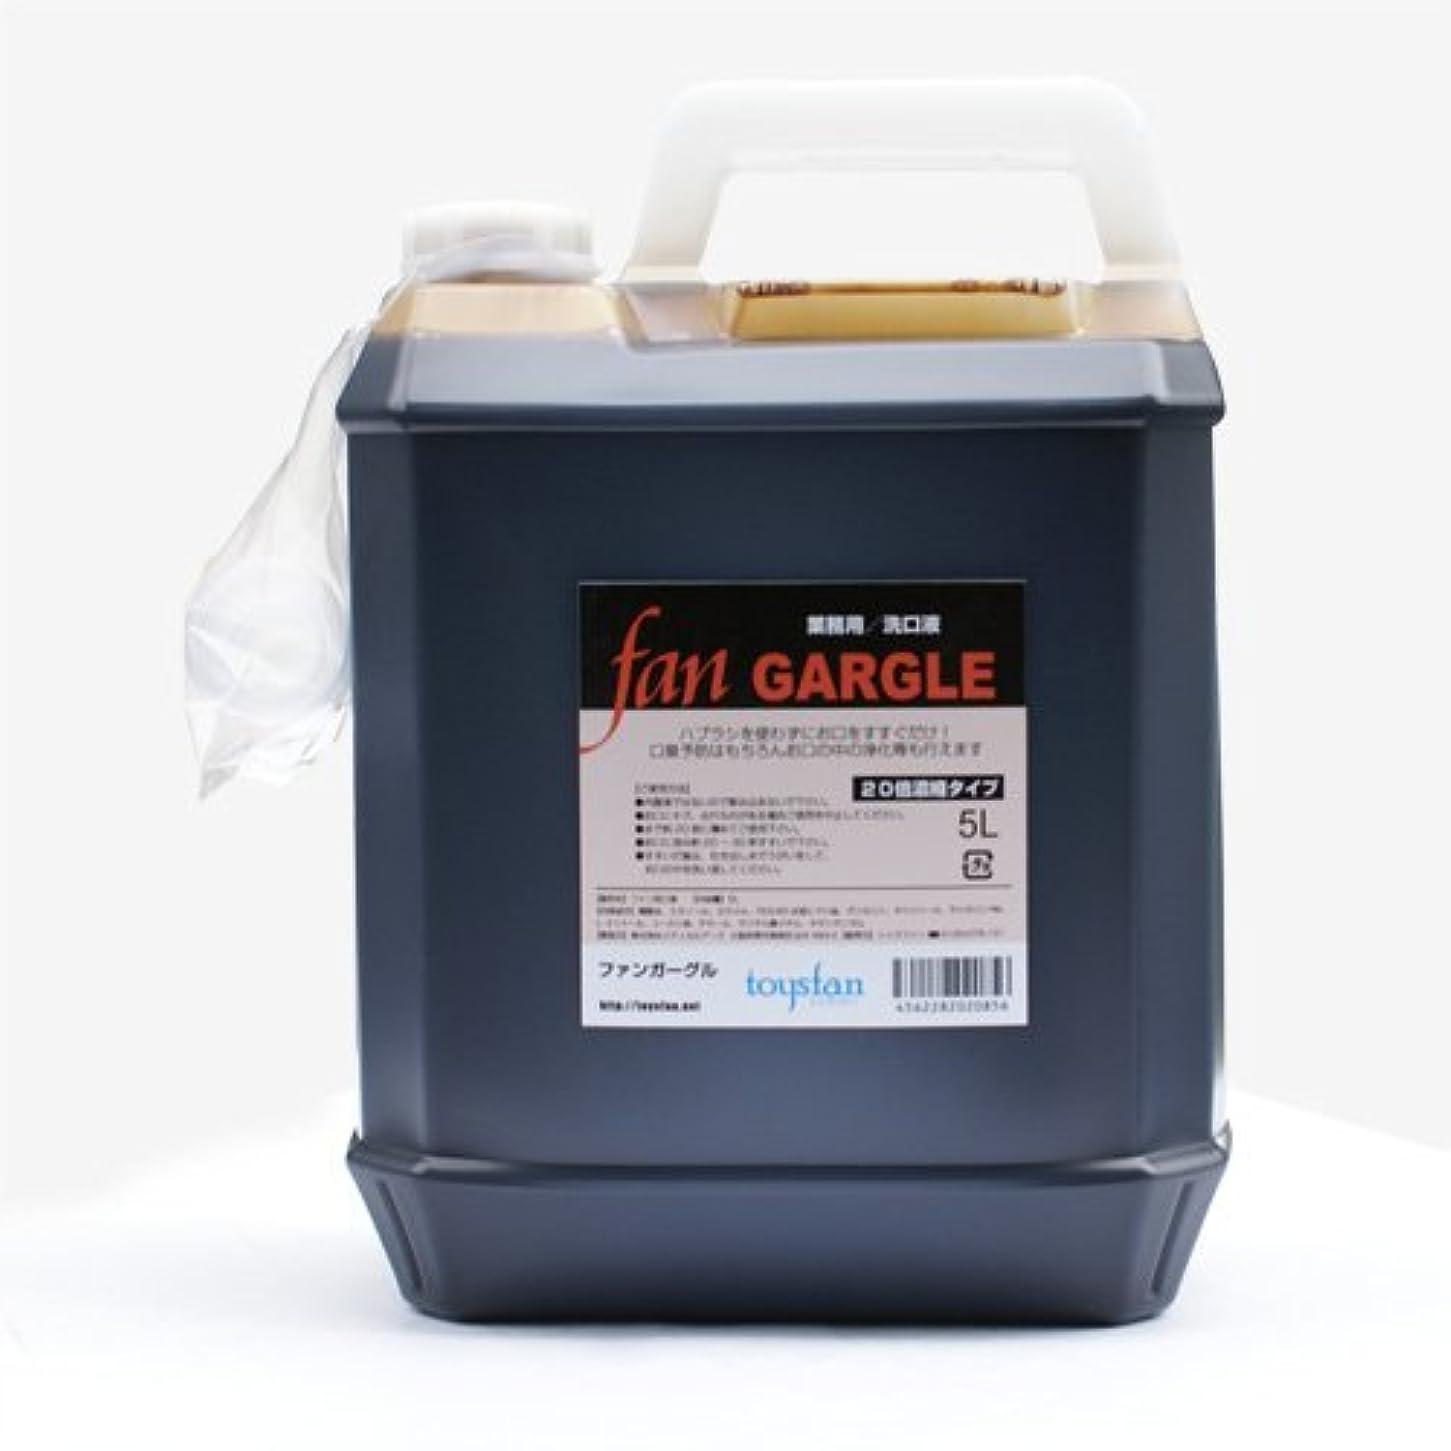 褐色志す裁定ファンガーグル 5L(20倍濃縮)業務用洗口液